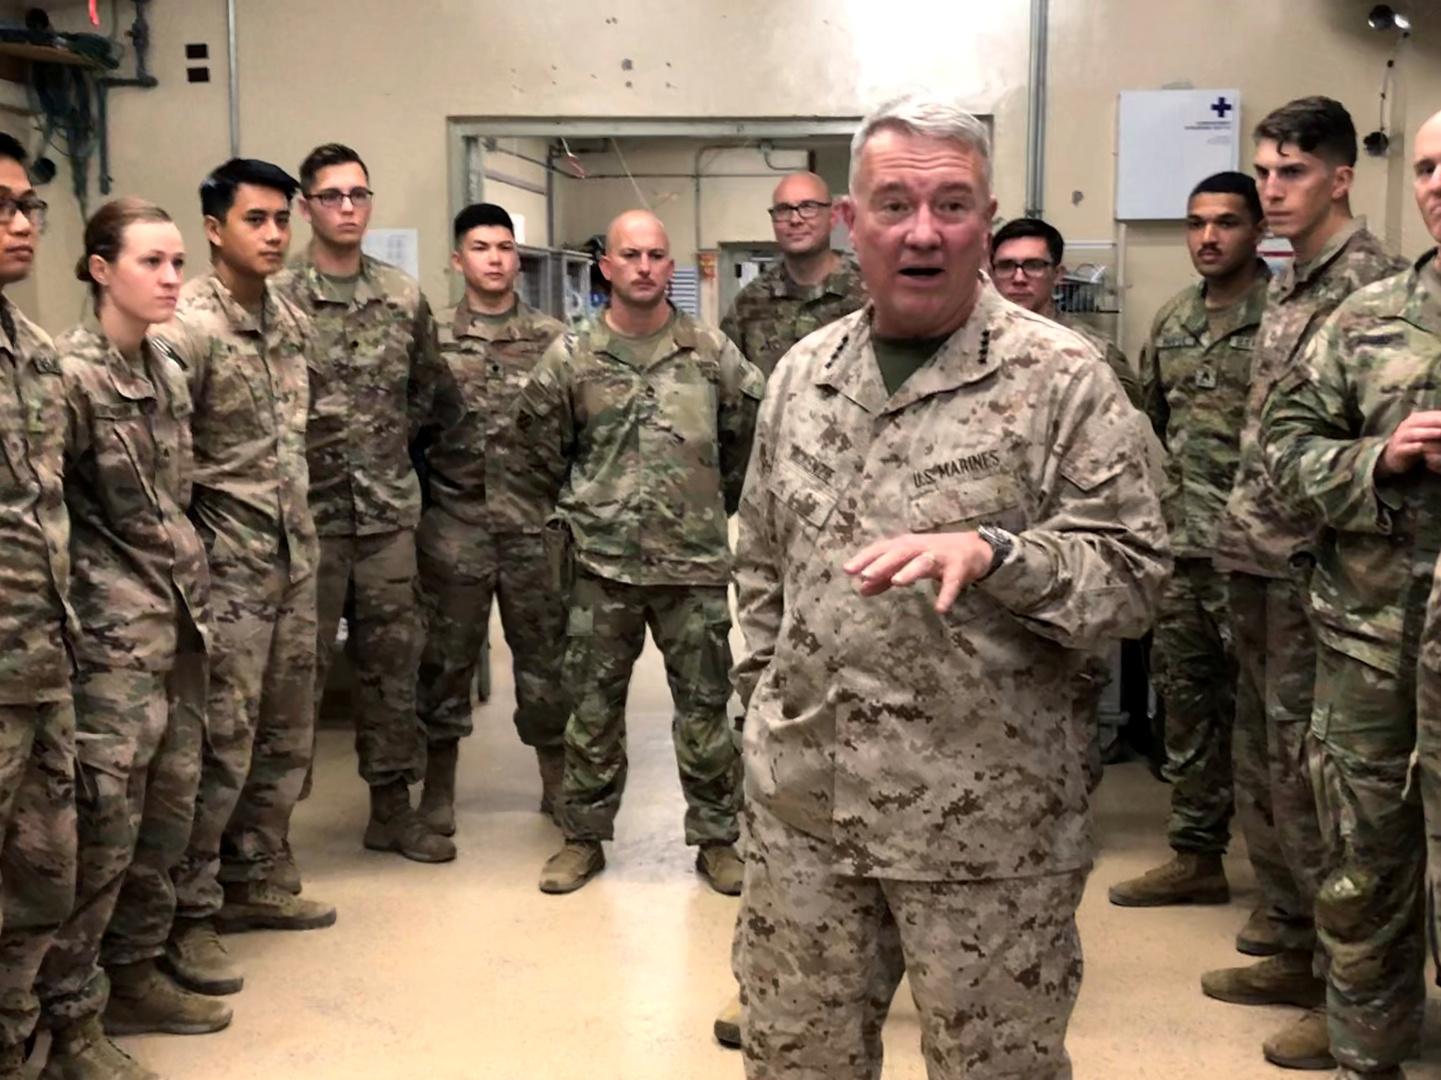 جنرال أمريكي: الضربة السورية داخل إسرائيل لا تبدو متعمدة ودليل عدم الكفاءة